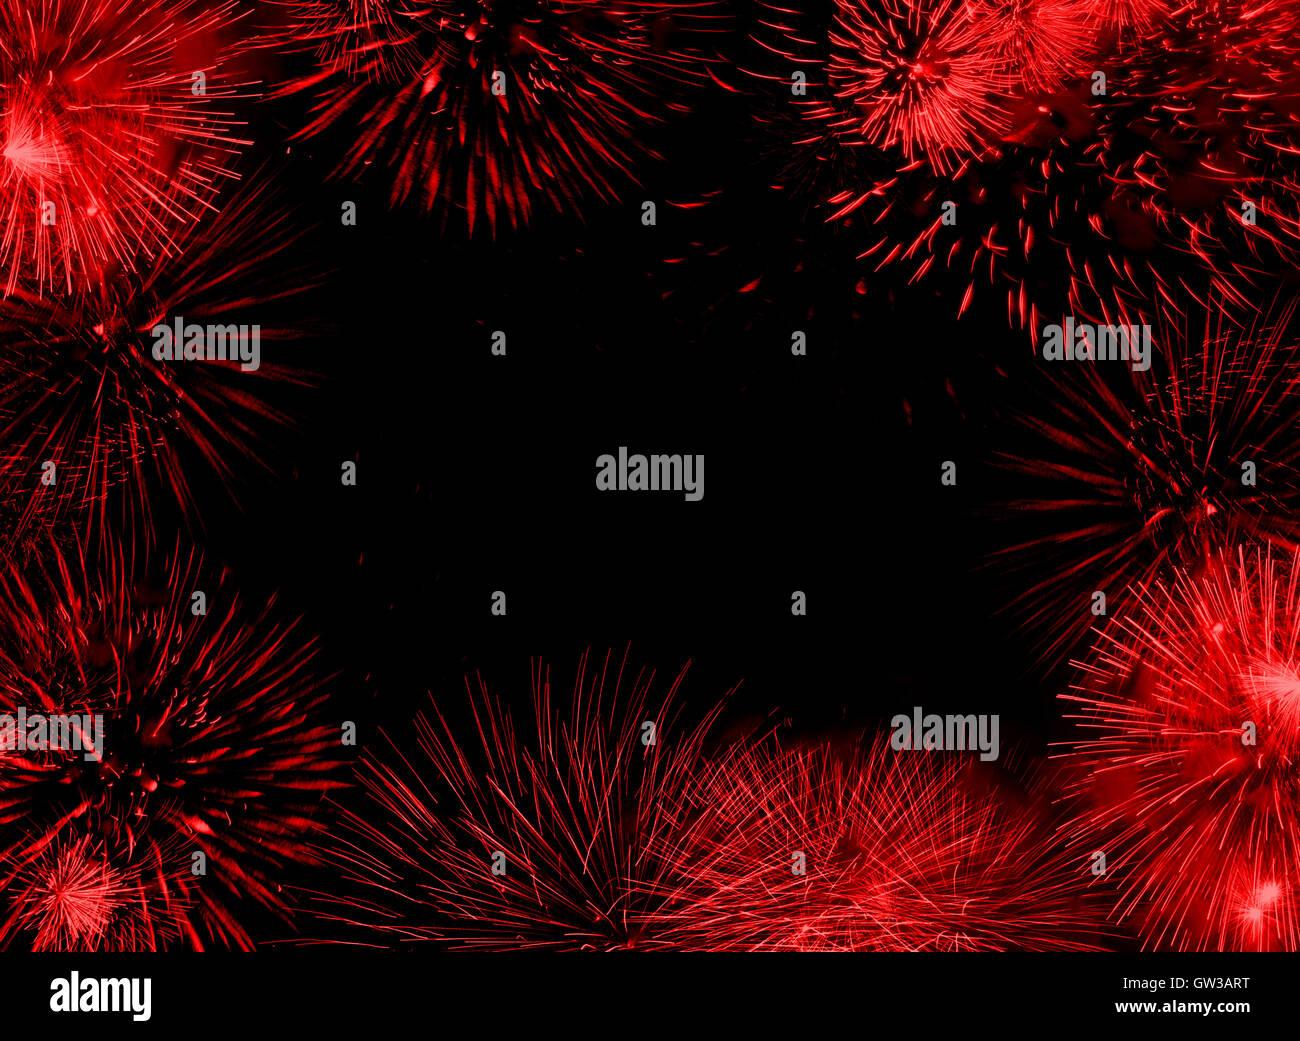 Roter Rahmen oder Rahmen, bestehend aus Feuerwerk Fackeln auf leeren ...